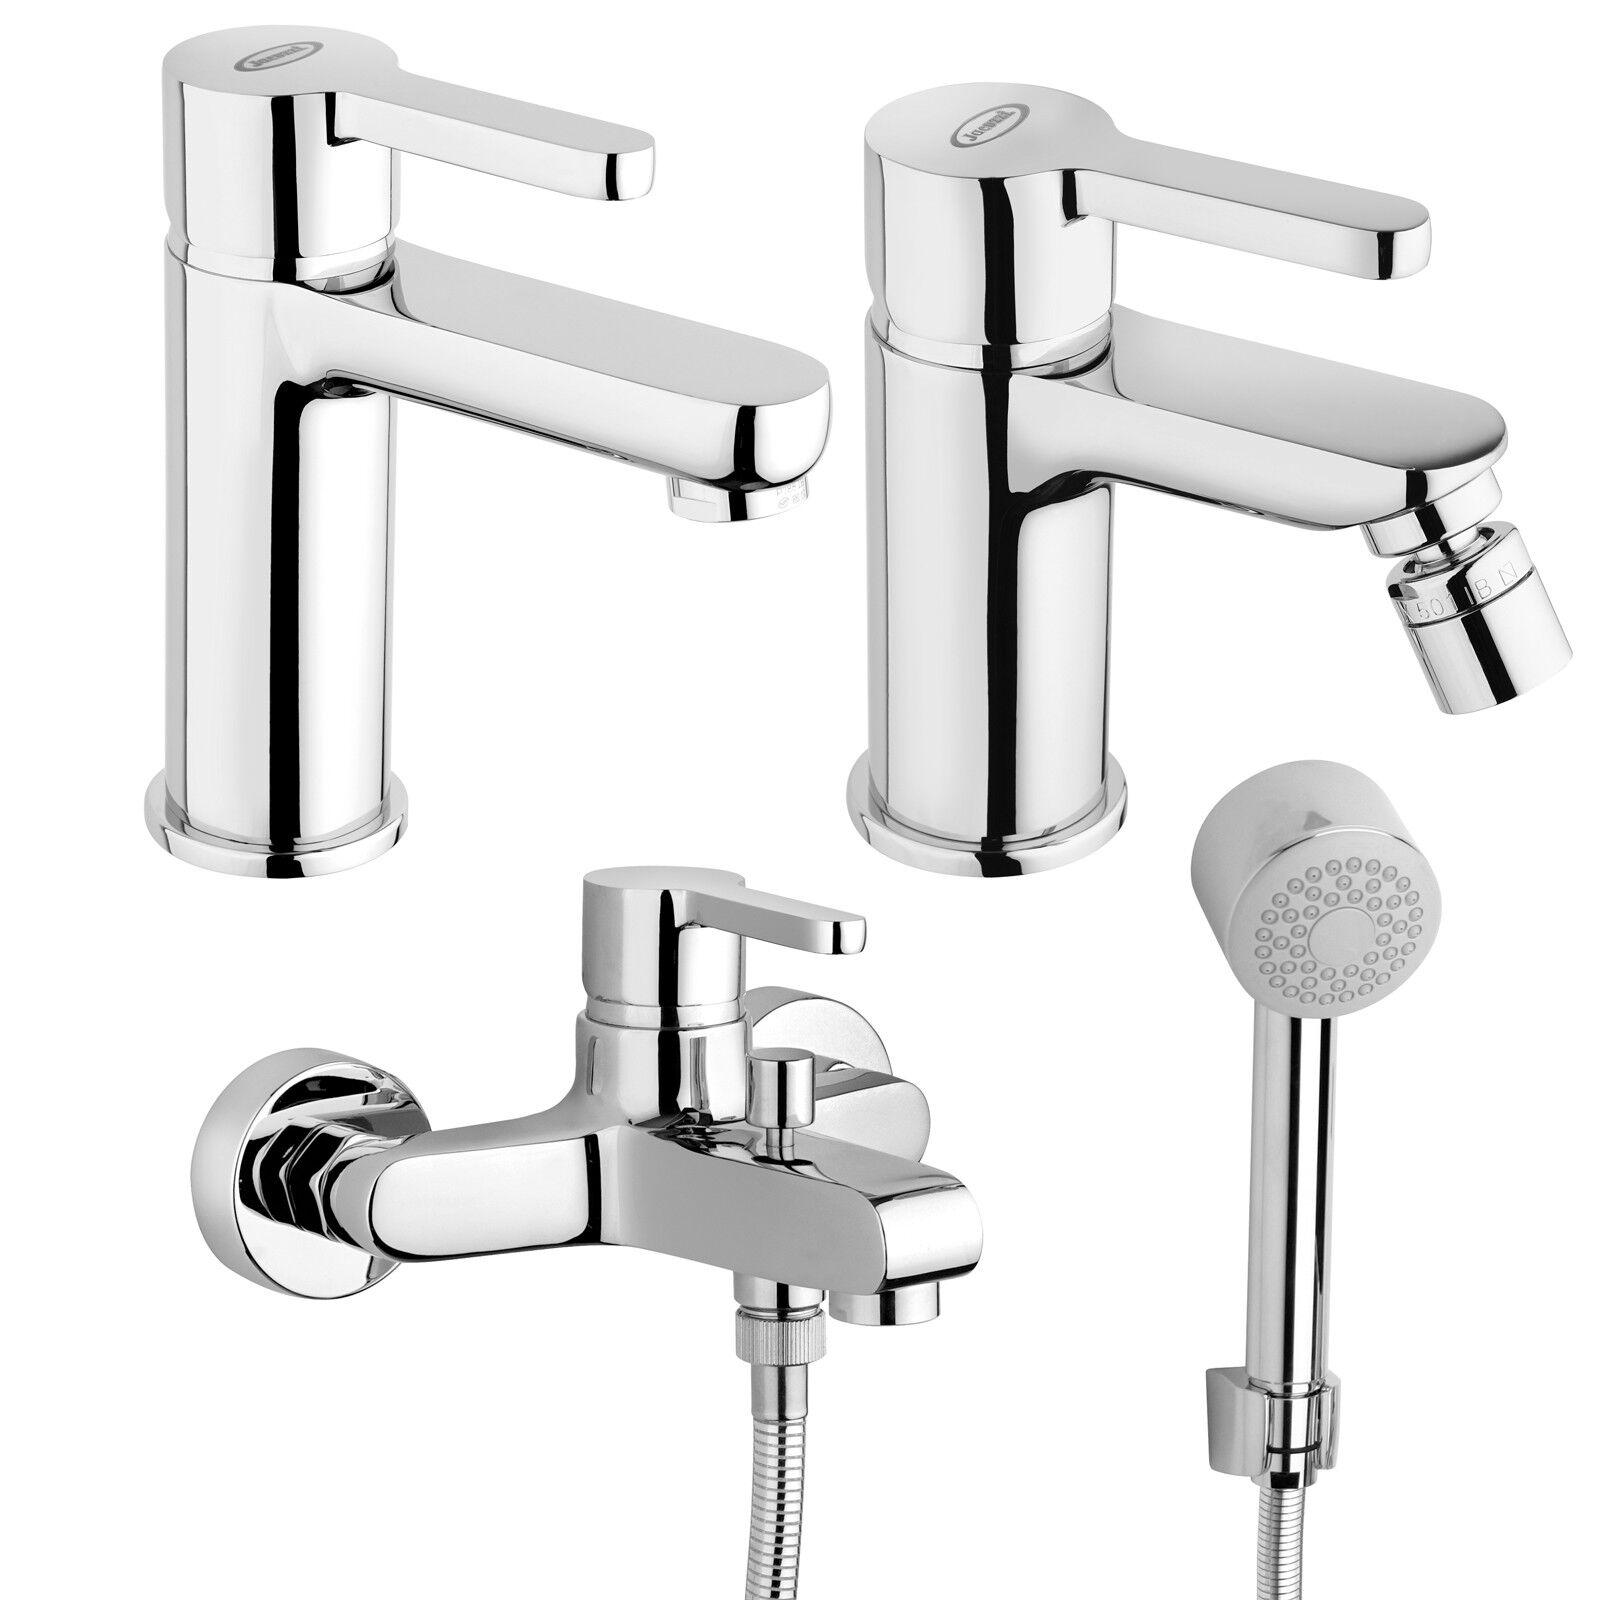 Miscelatori Jacuzzi - Rubinetteria per vasca bidet e lavabo completi di doccino